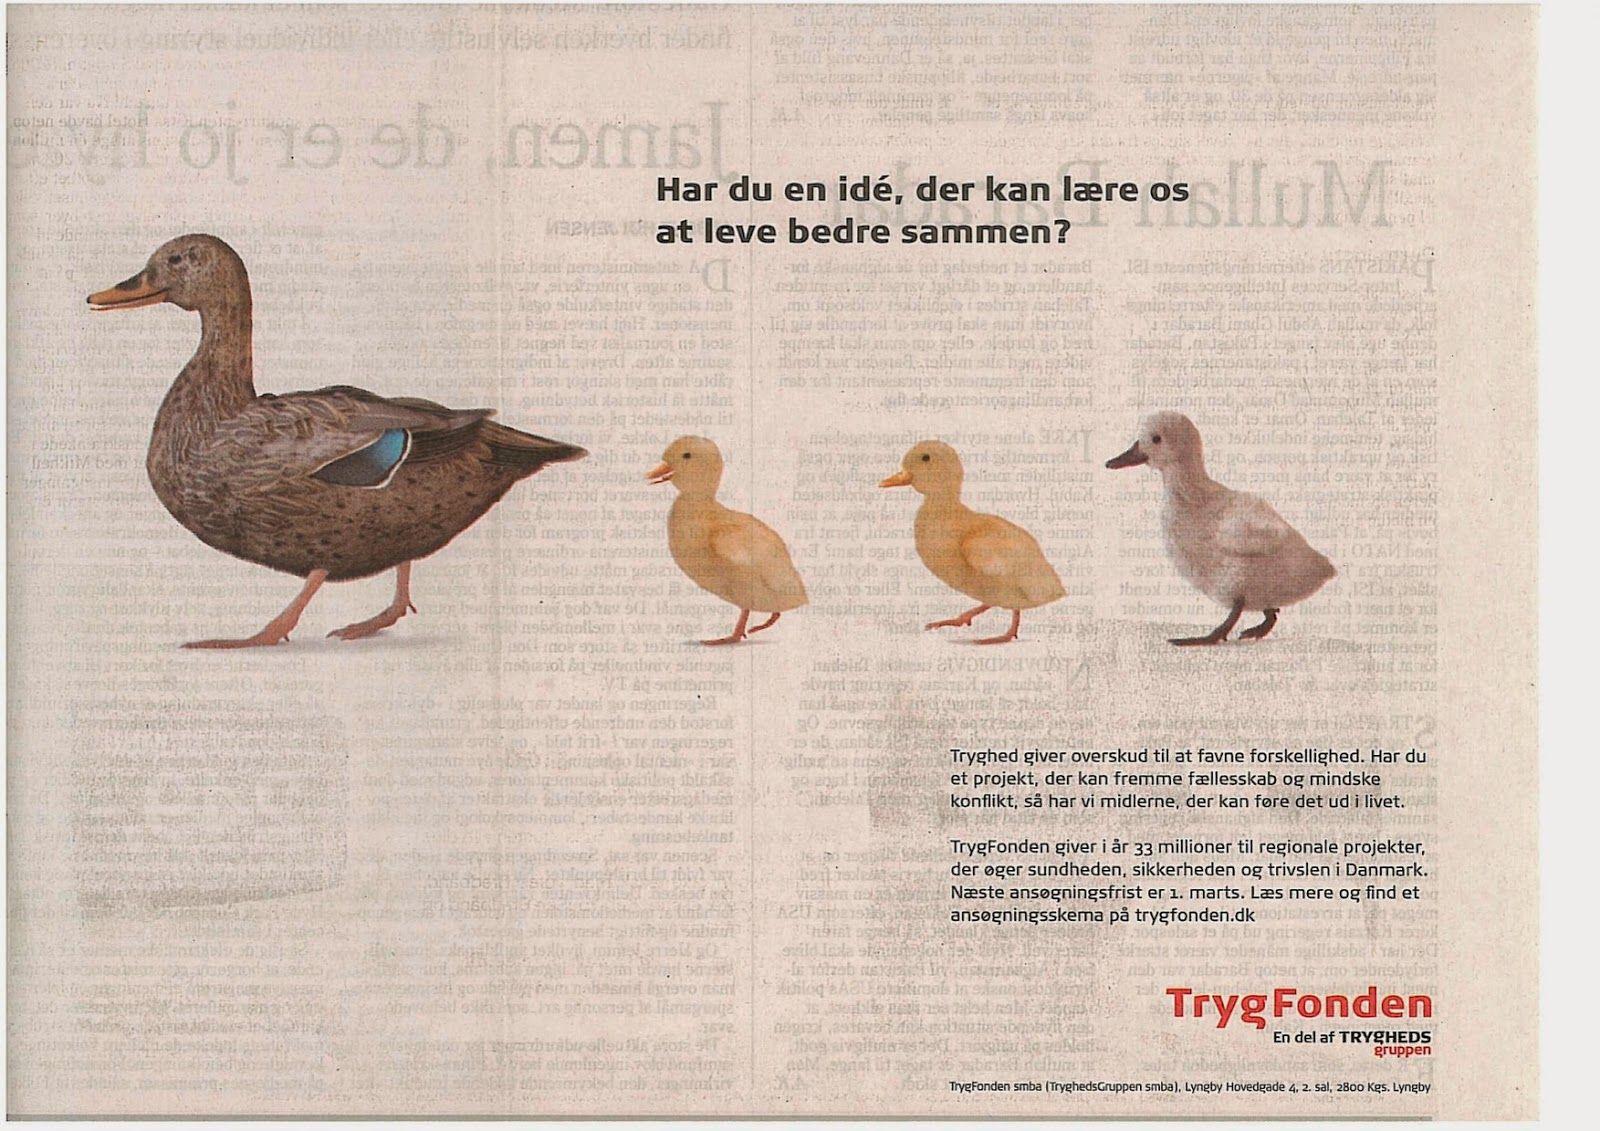 Eventyrpark Projekt Reklame Med Intertekstuel Reference